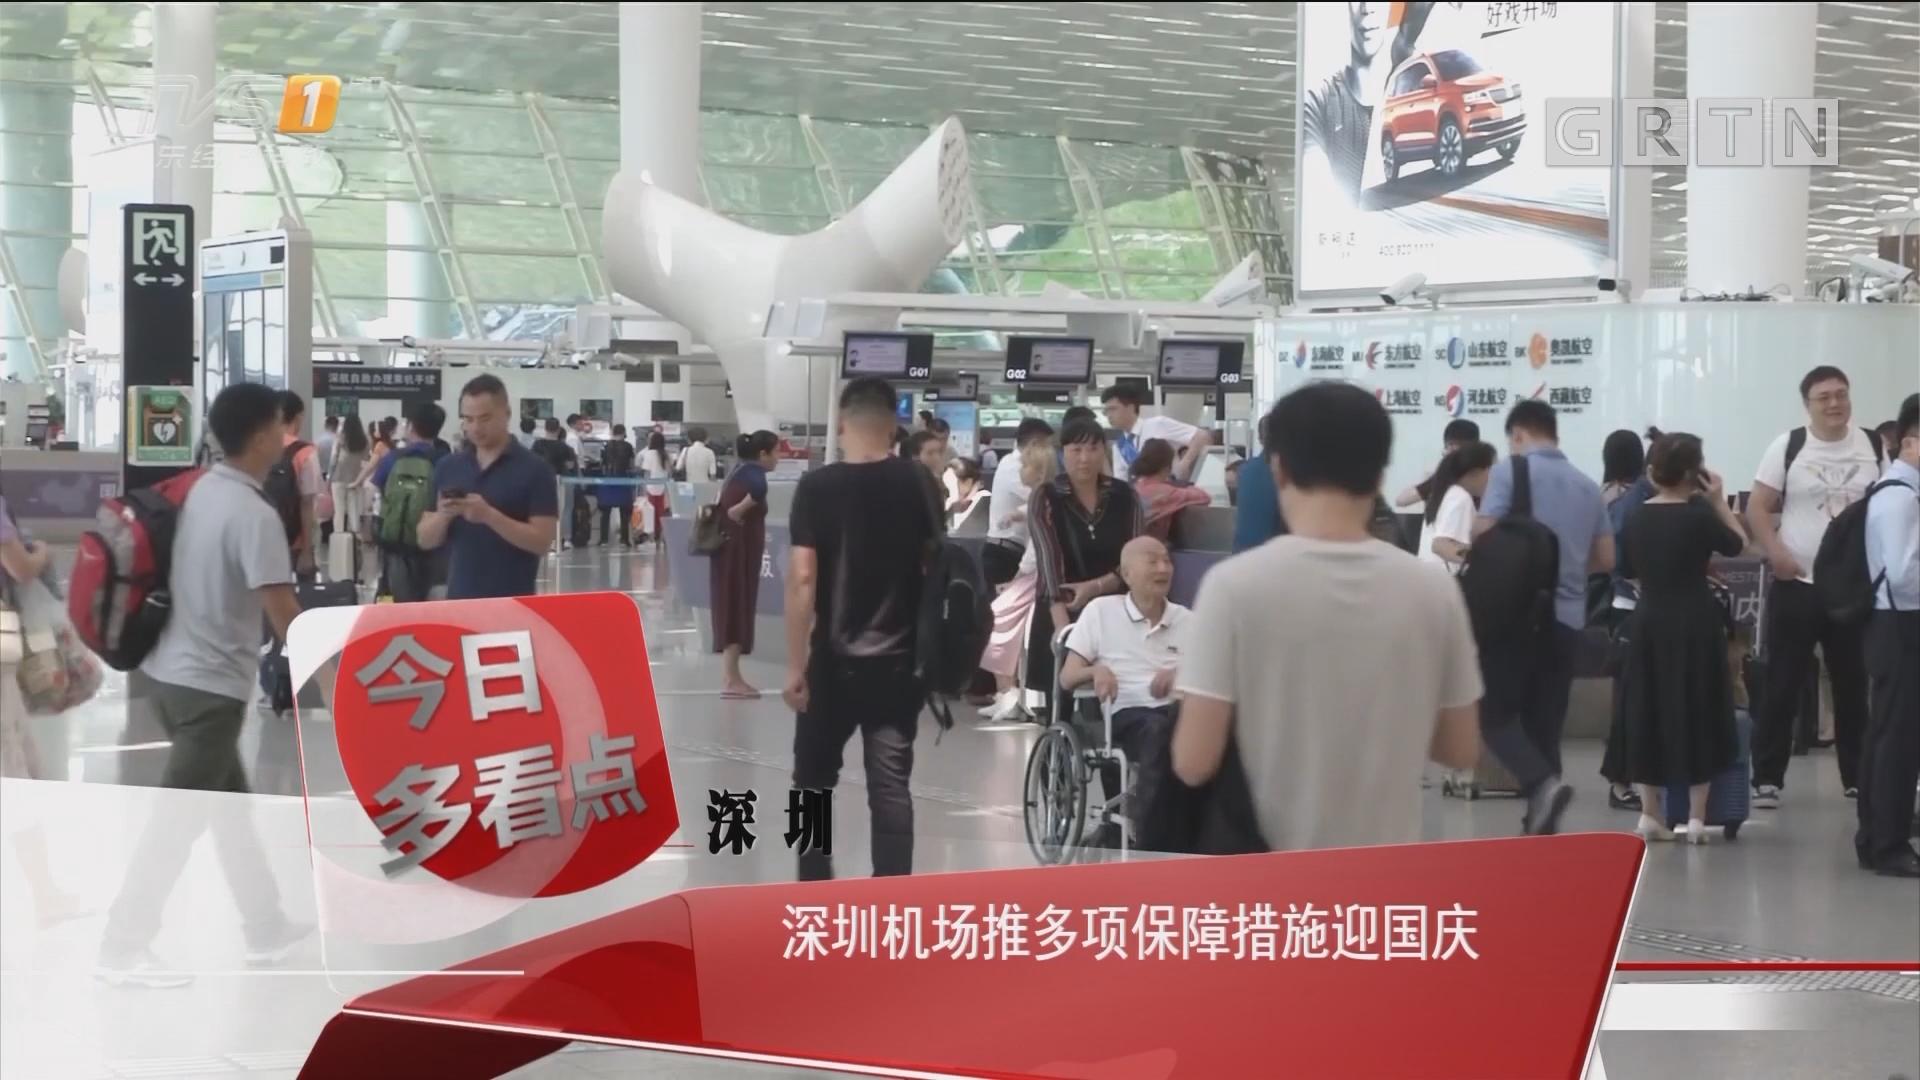 深圳:深圳机场推多项保障措施迎国庆